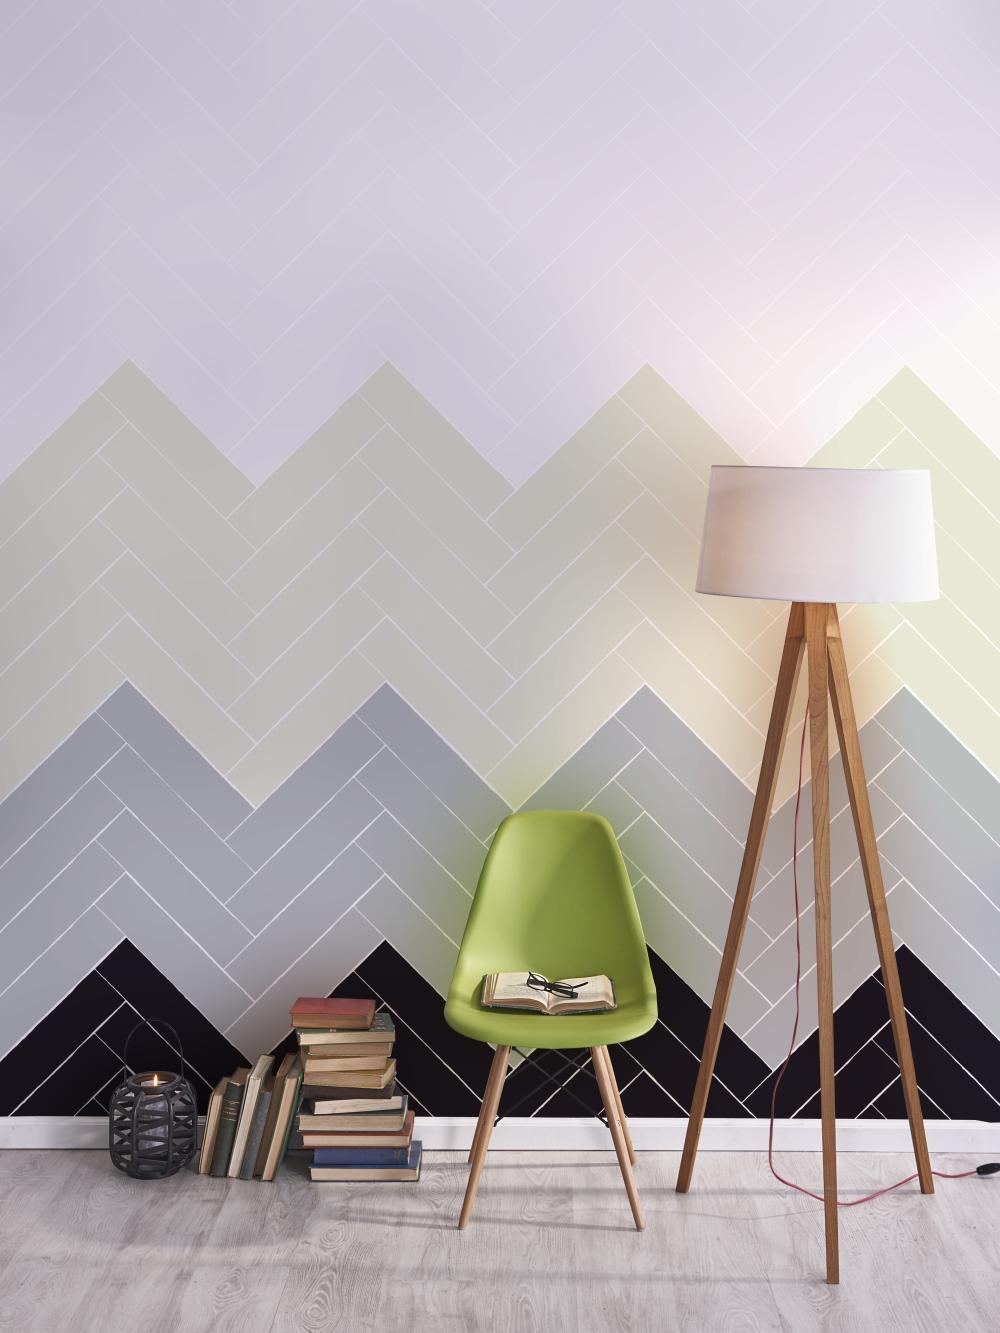 En stol och en lampa står framför en vägg med långsmala plattor i olika färger. Plattorna är satta i fiskbensmönster.